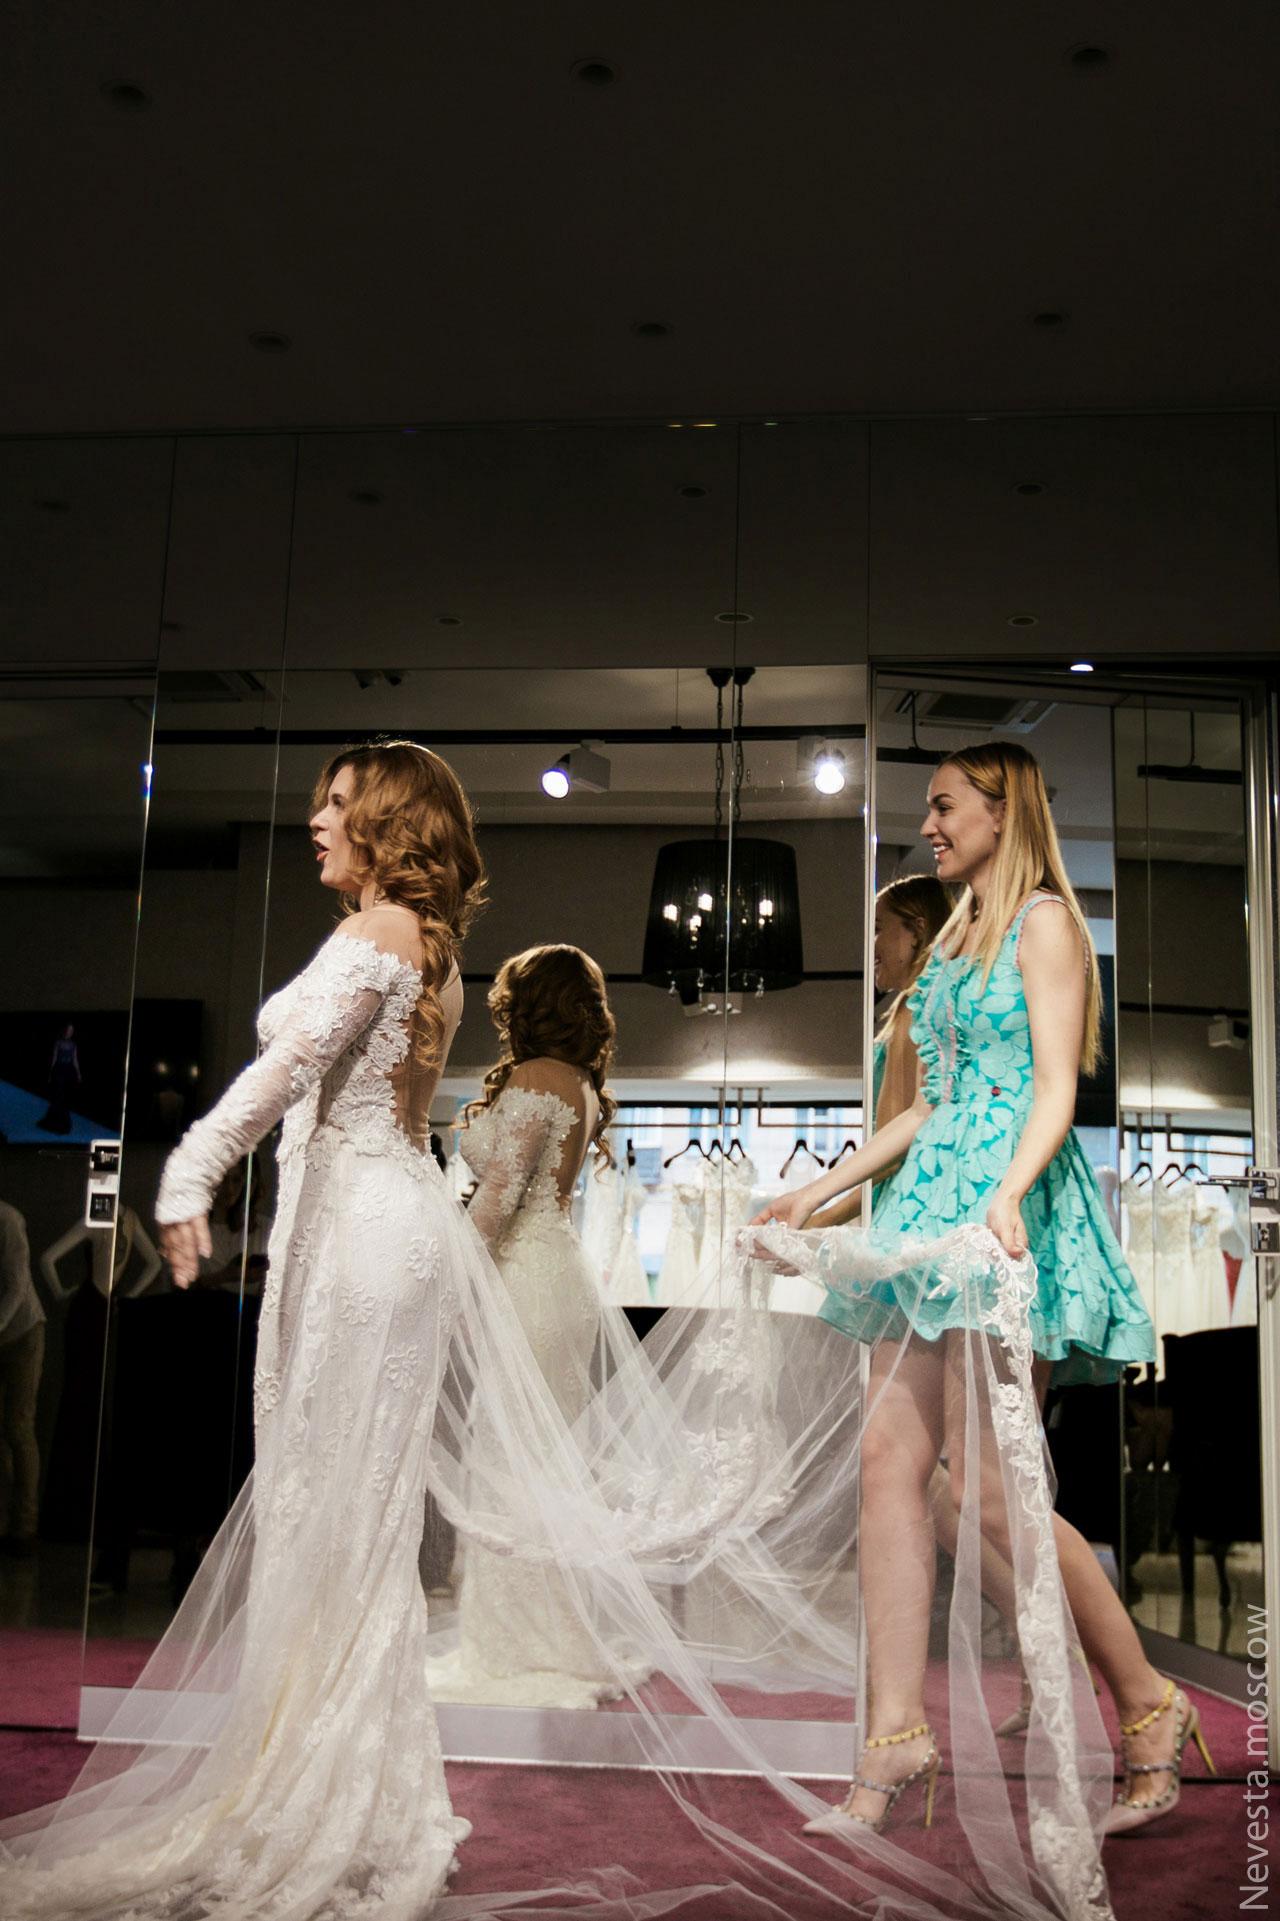 Анастасия Денисова выбирает образ для своей свадьбы фото 21